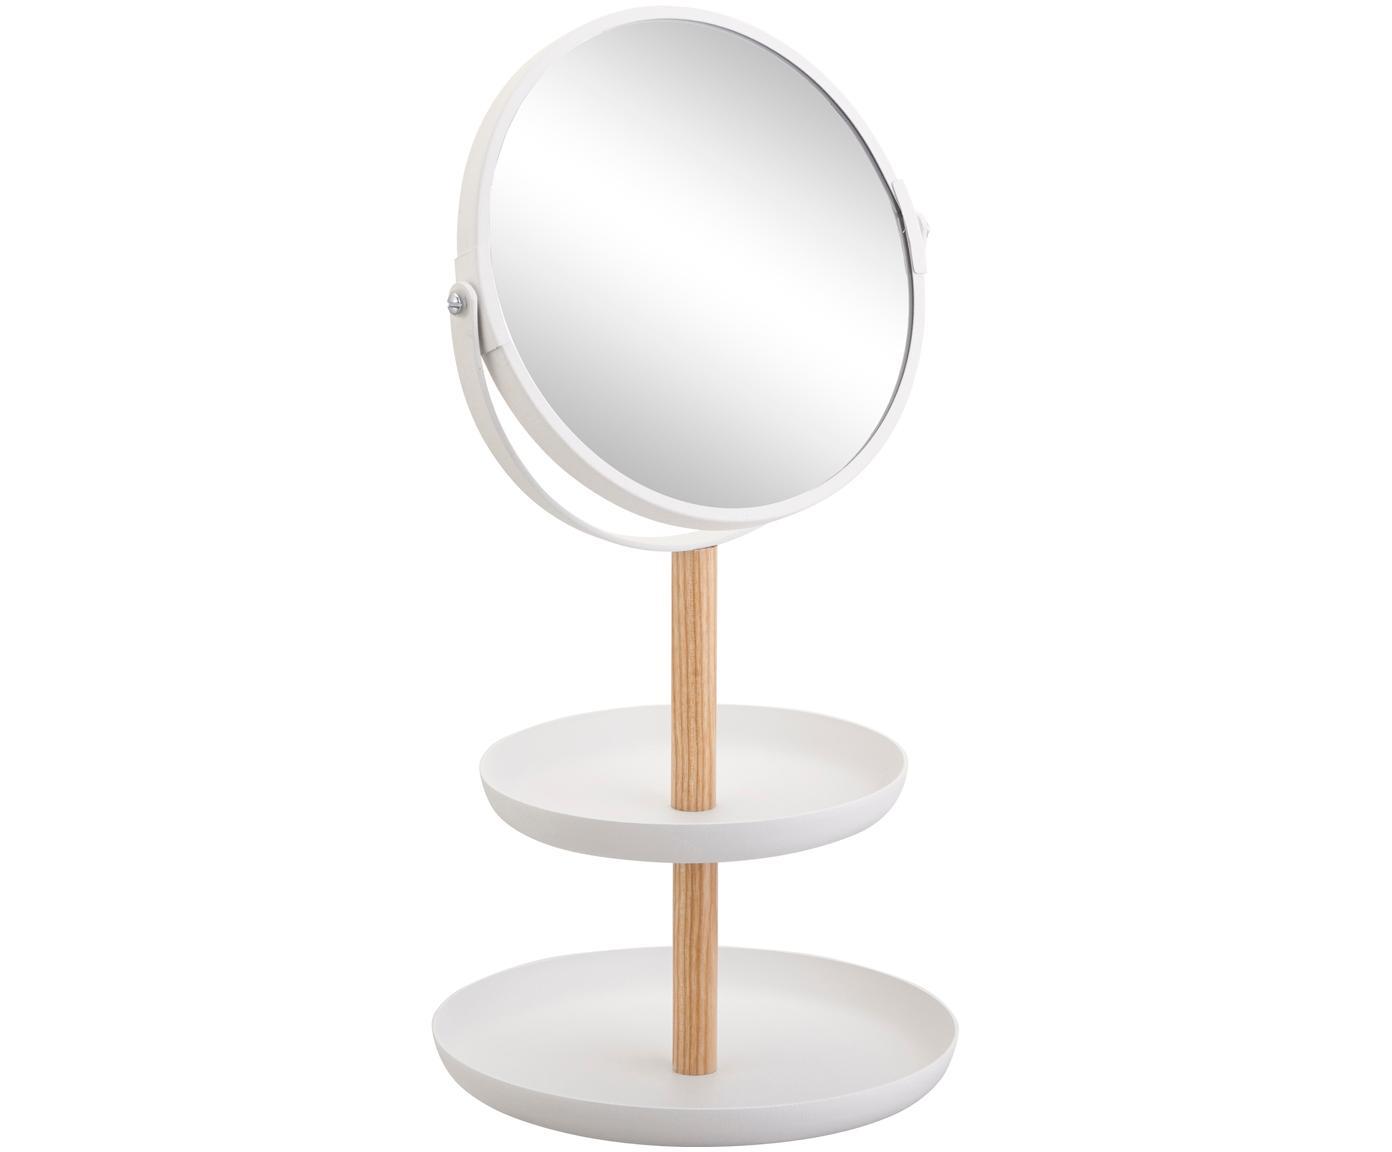 Espejo tocador Tosca con aumento, Estructura: madera, Espejo: cristal, Blanco, marrón, An 18 x Al 33 cm